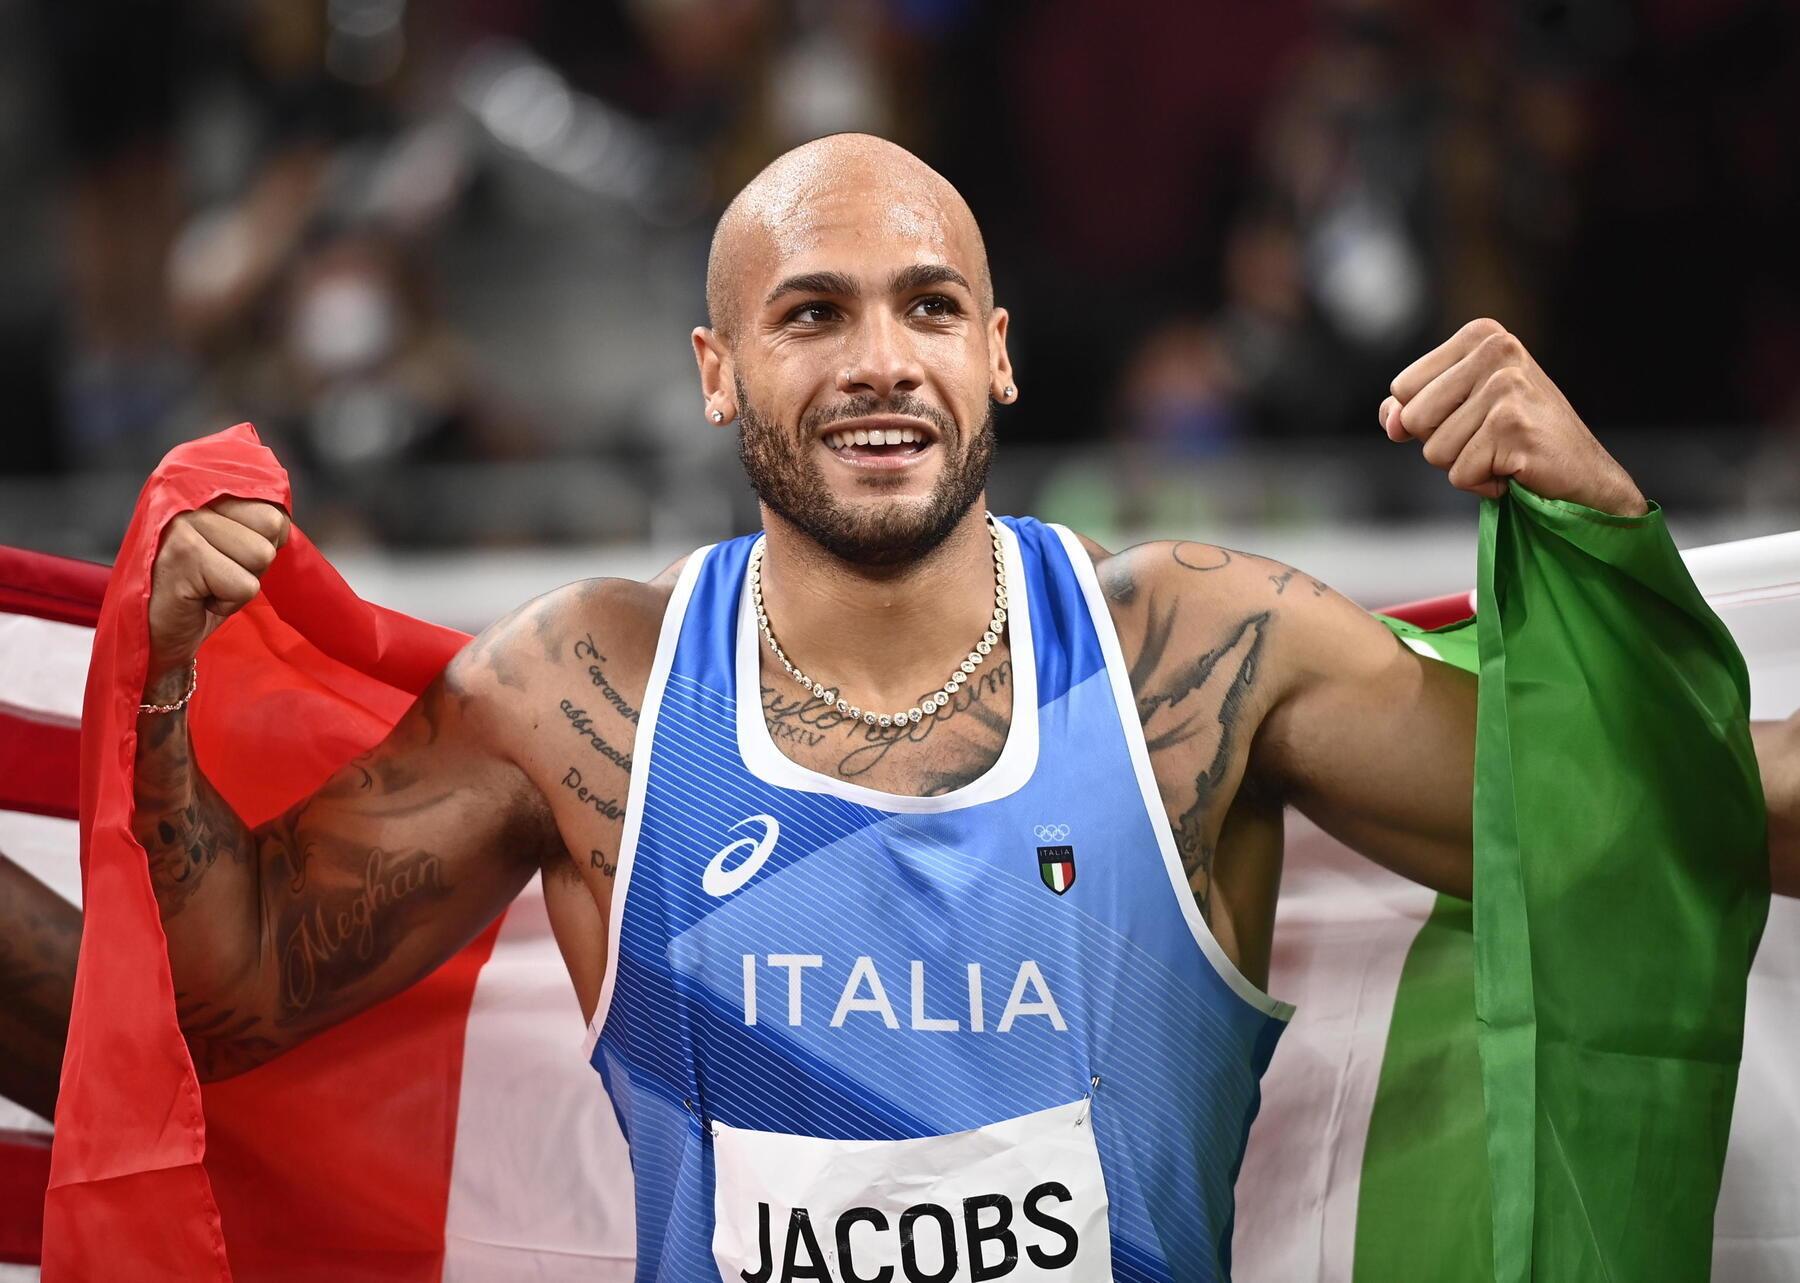 I giornali stranieri celebrano la medaglia doro di Marcell Jacobs tranne uno caduta di stile del Mirror al quale serve Google [GALLERY]